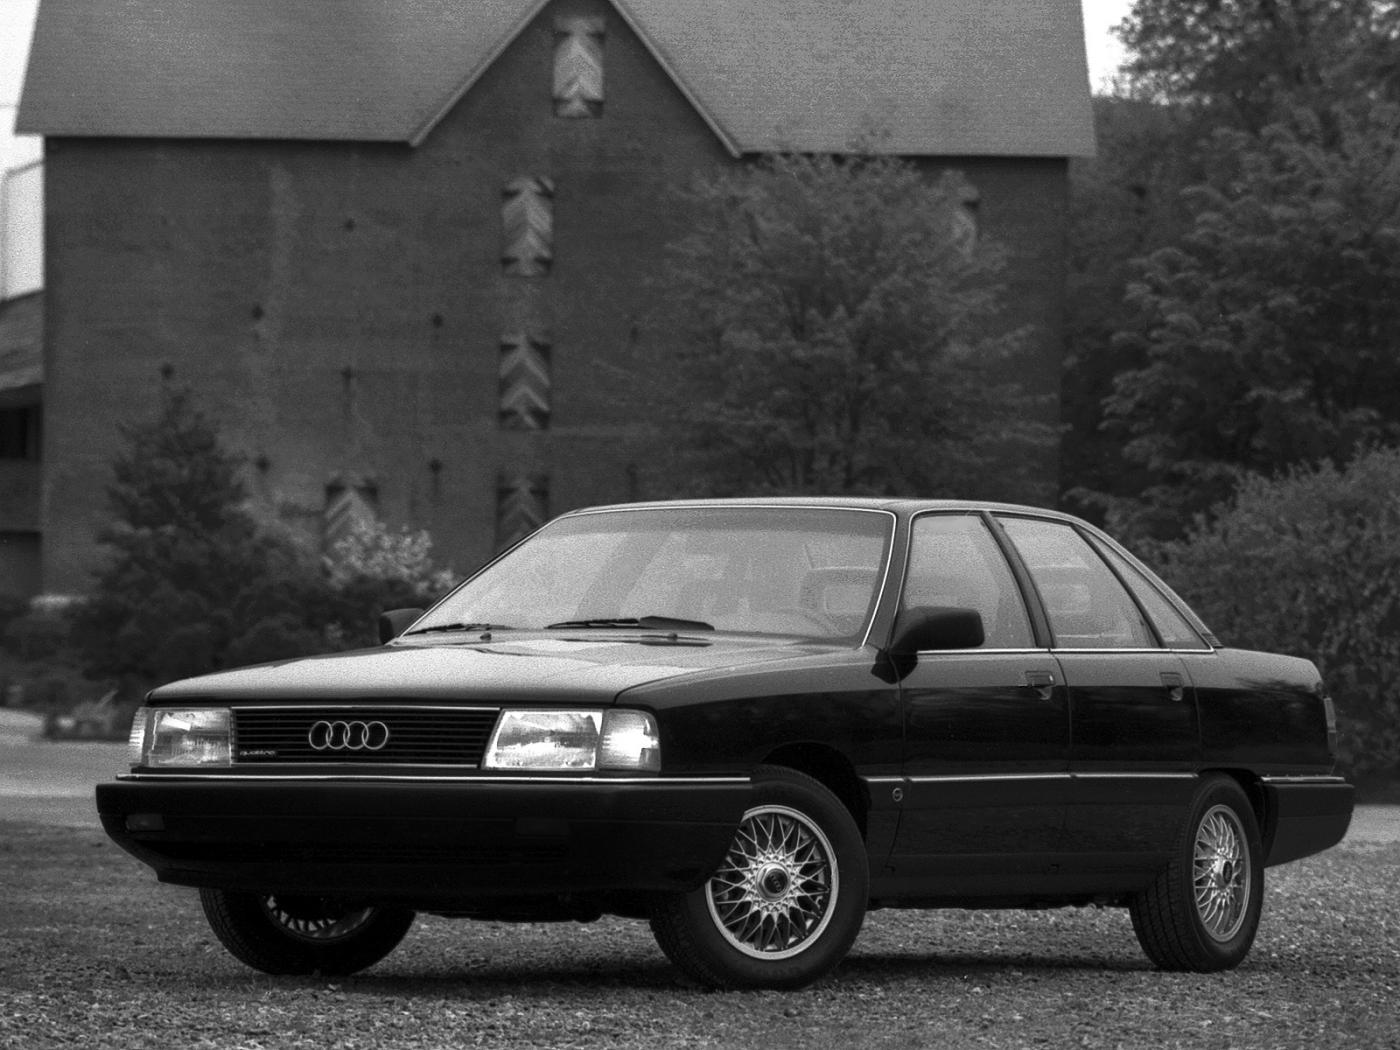 Audi-100-C3-4